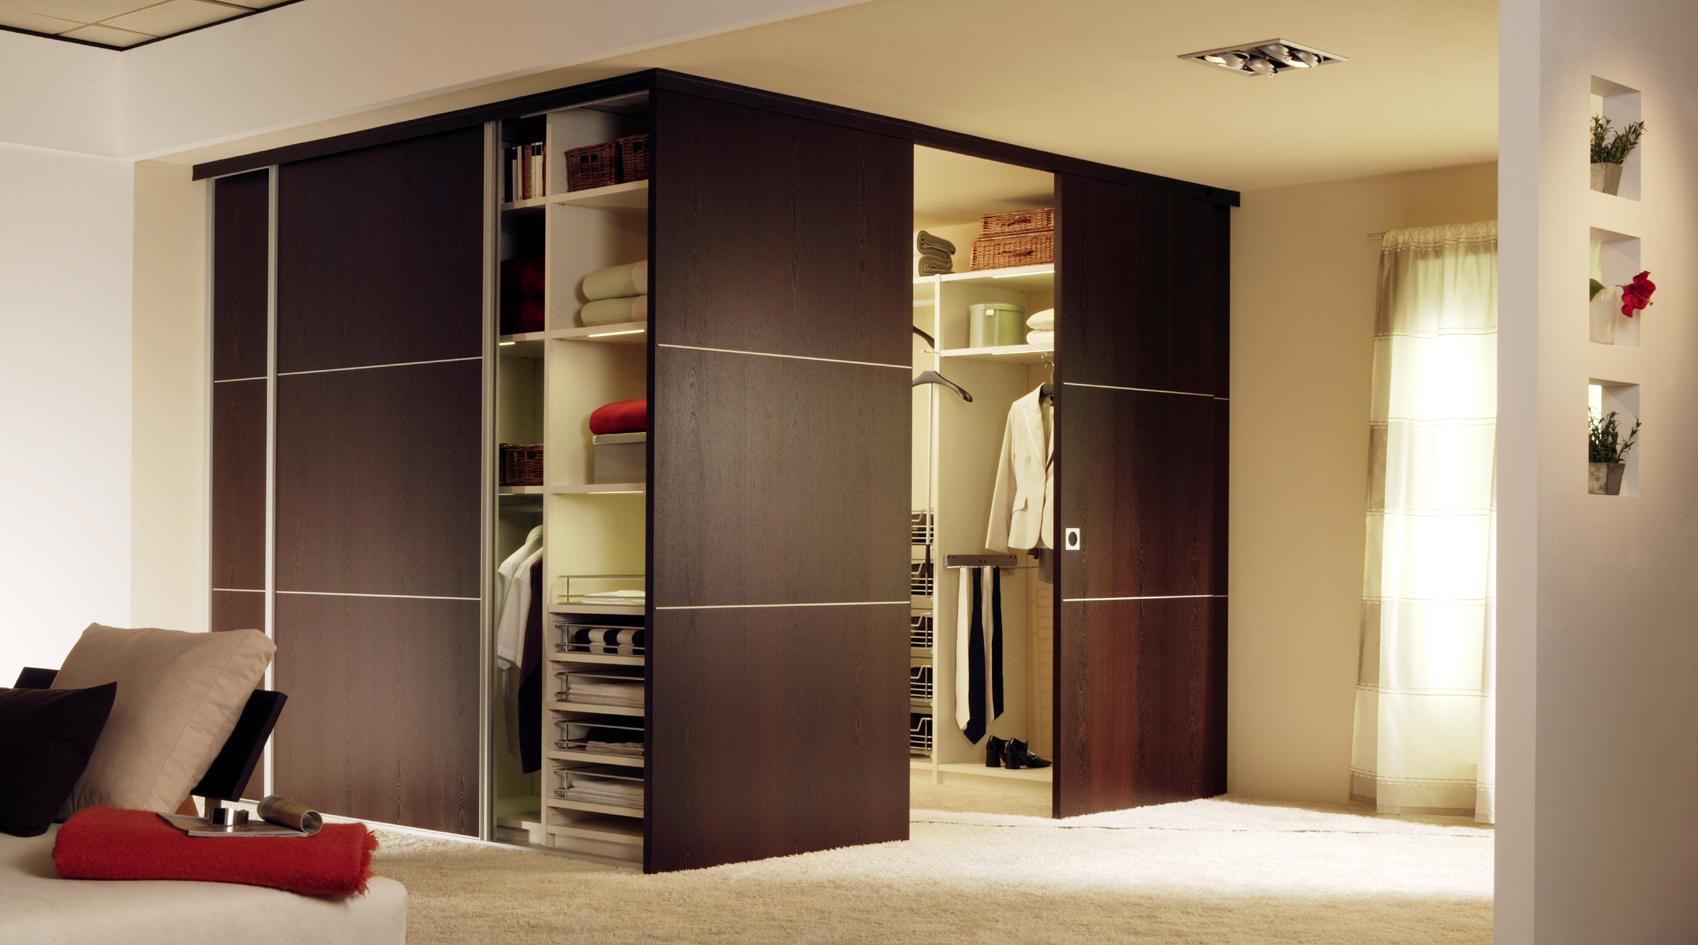 Шкаф-купе мозырь. модель 0011 мебель в мозыре.